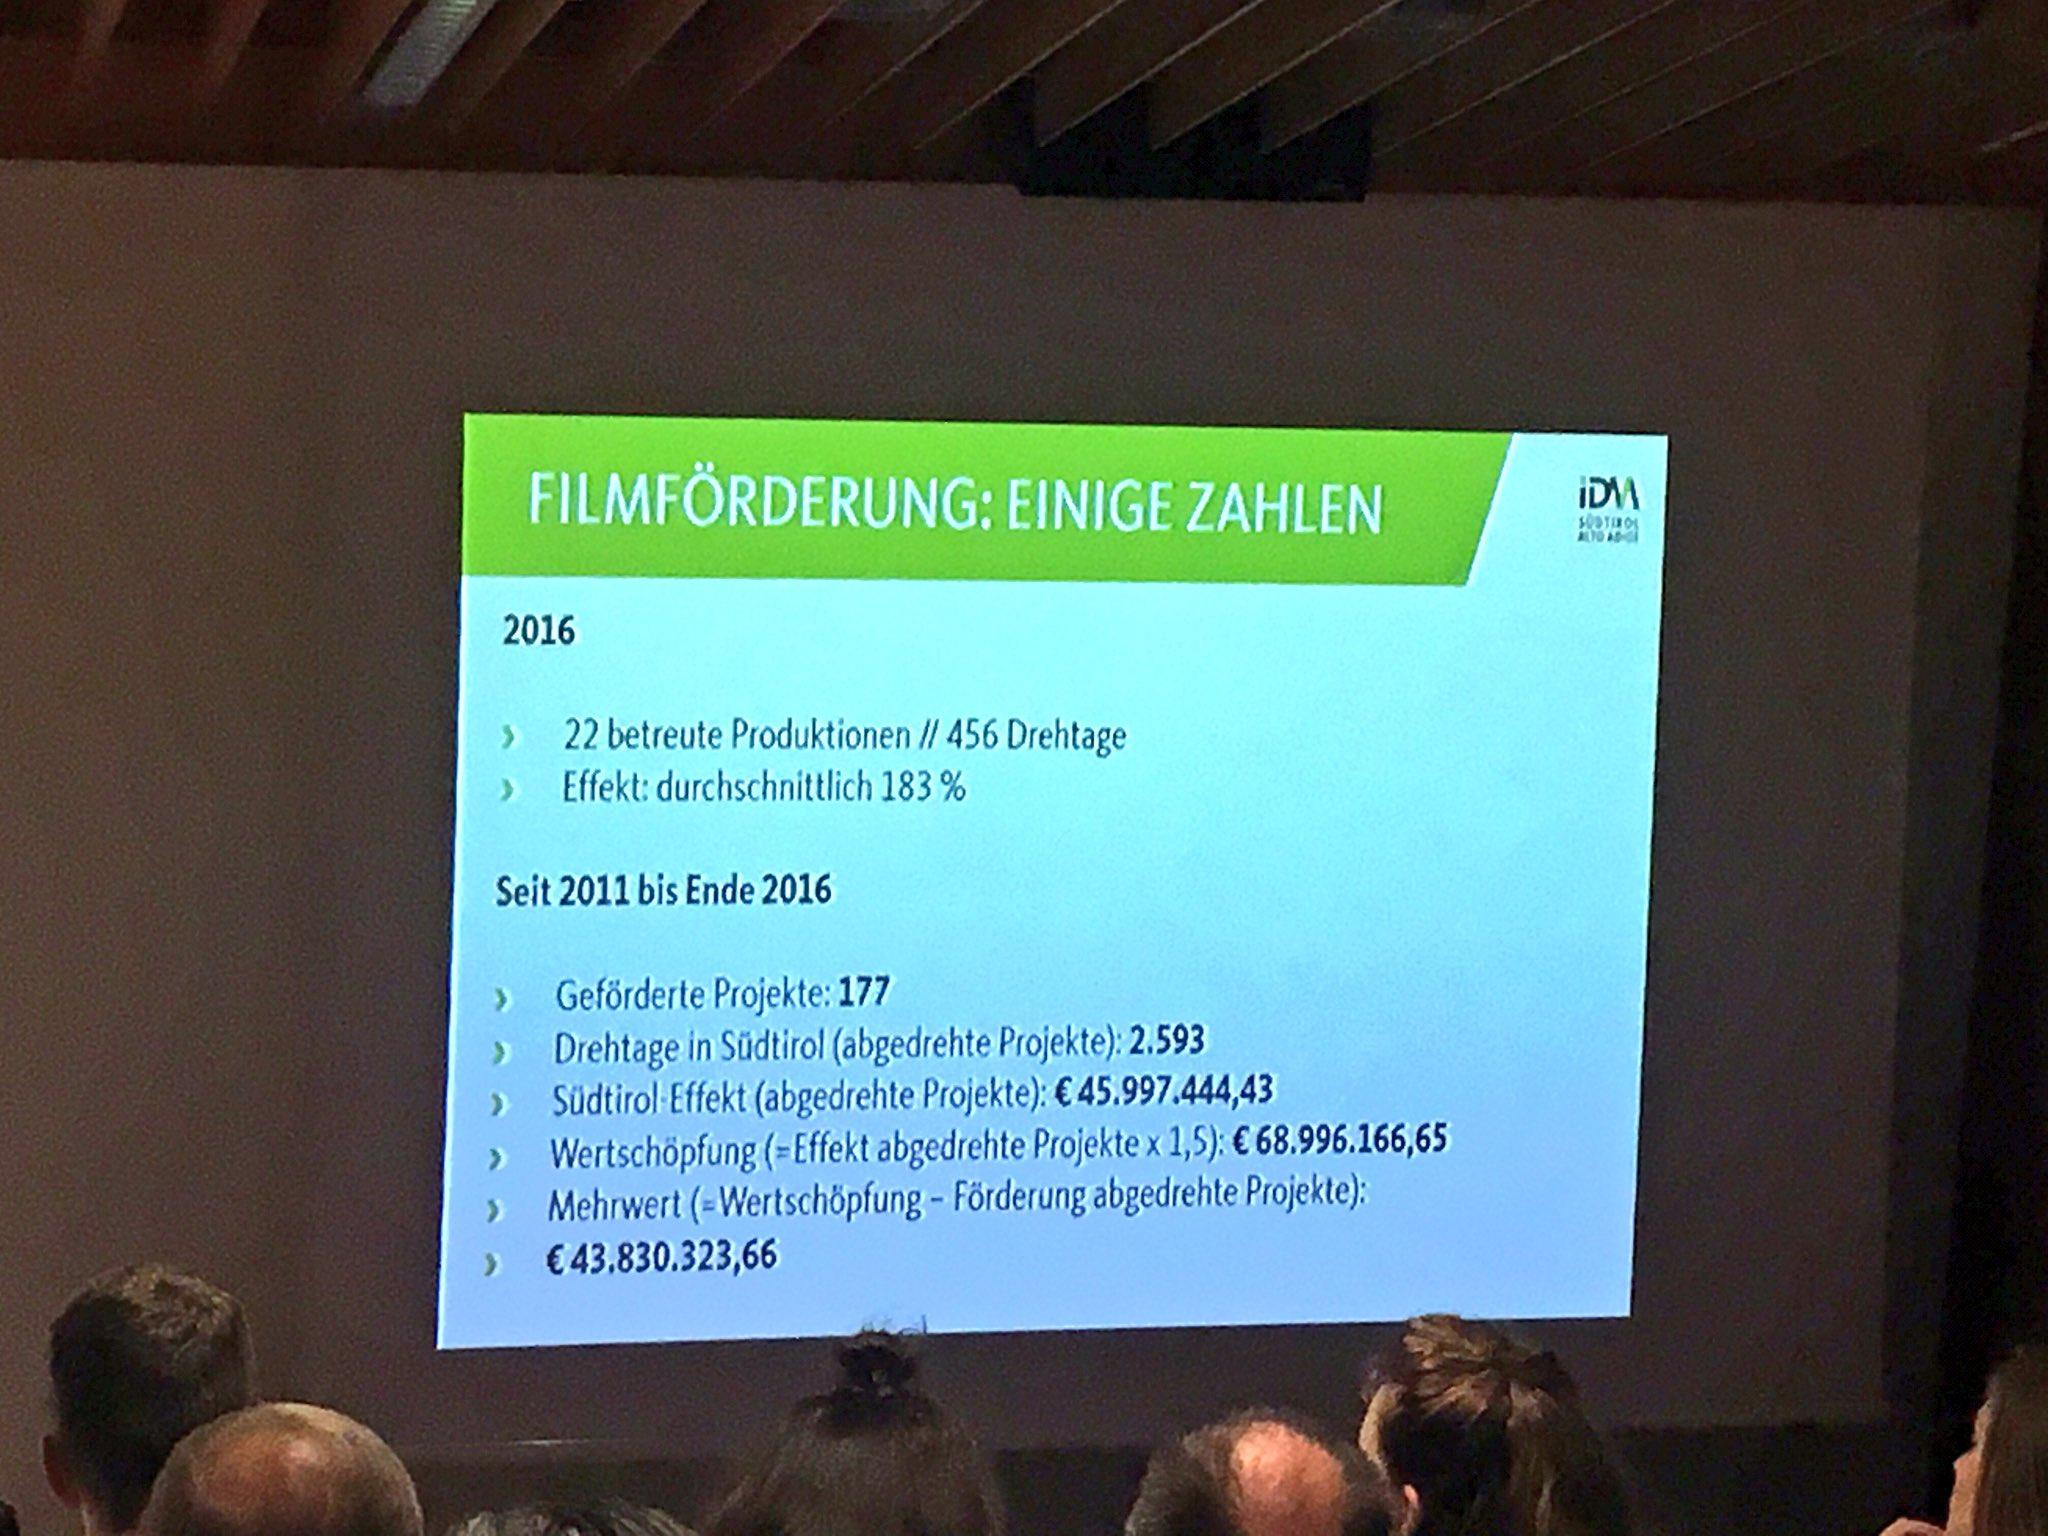 #tmcbz Zahlen: bisher 177 geförderte Projekte, Wertschöpfung 69 Mio. Euro. https://t.co/Zc0POpeRk1